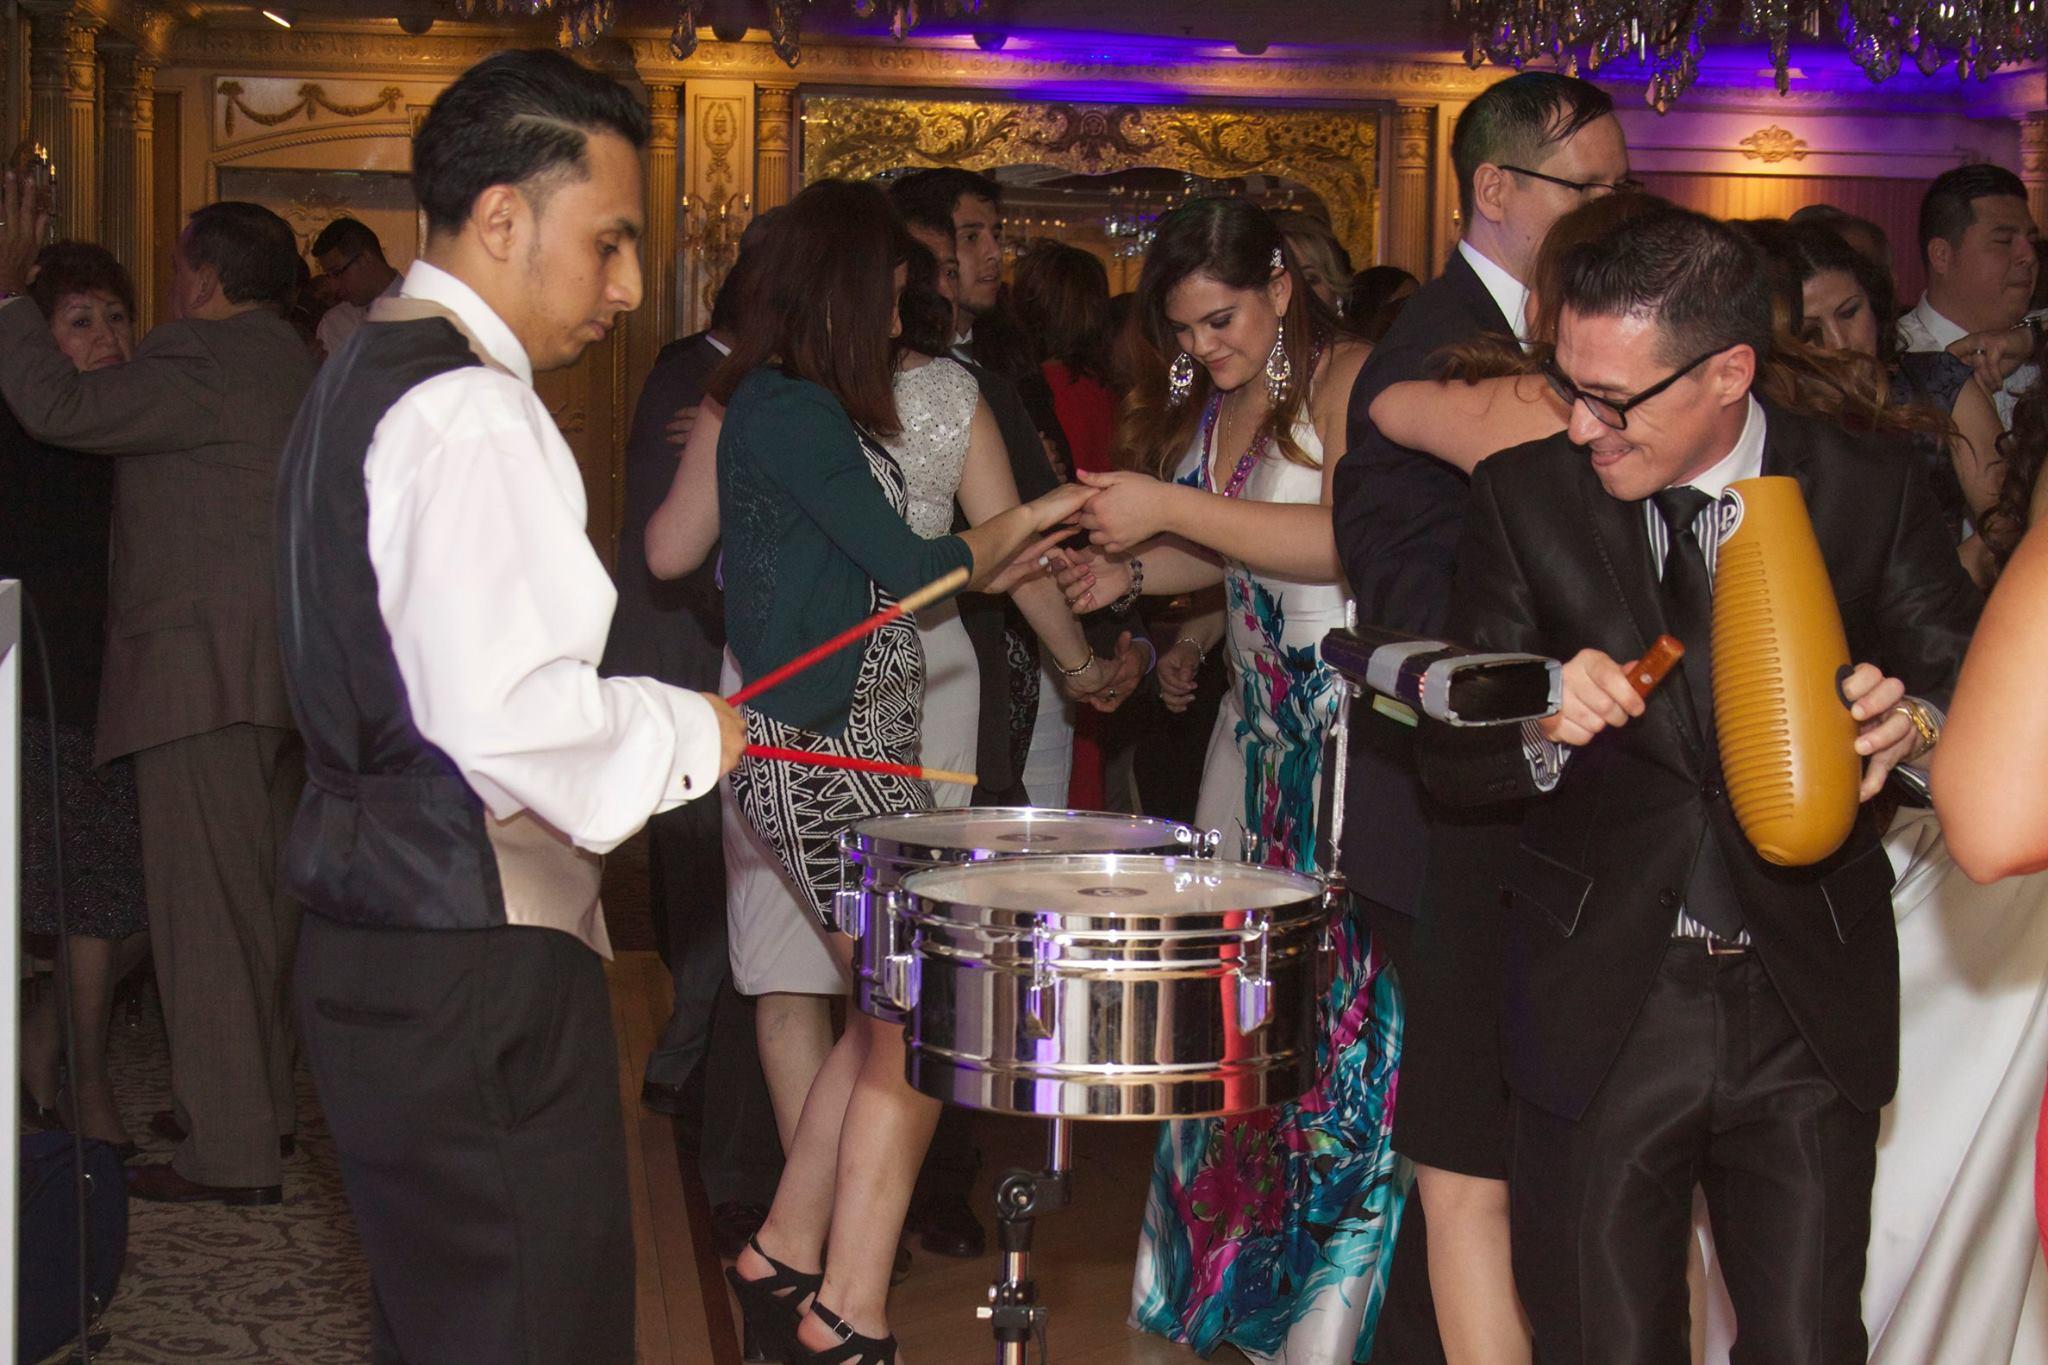 NJ Spanish wedding dj